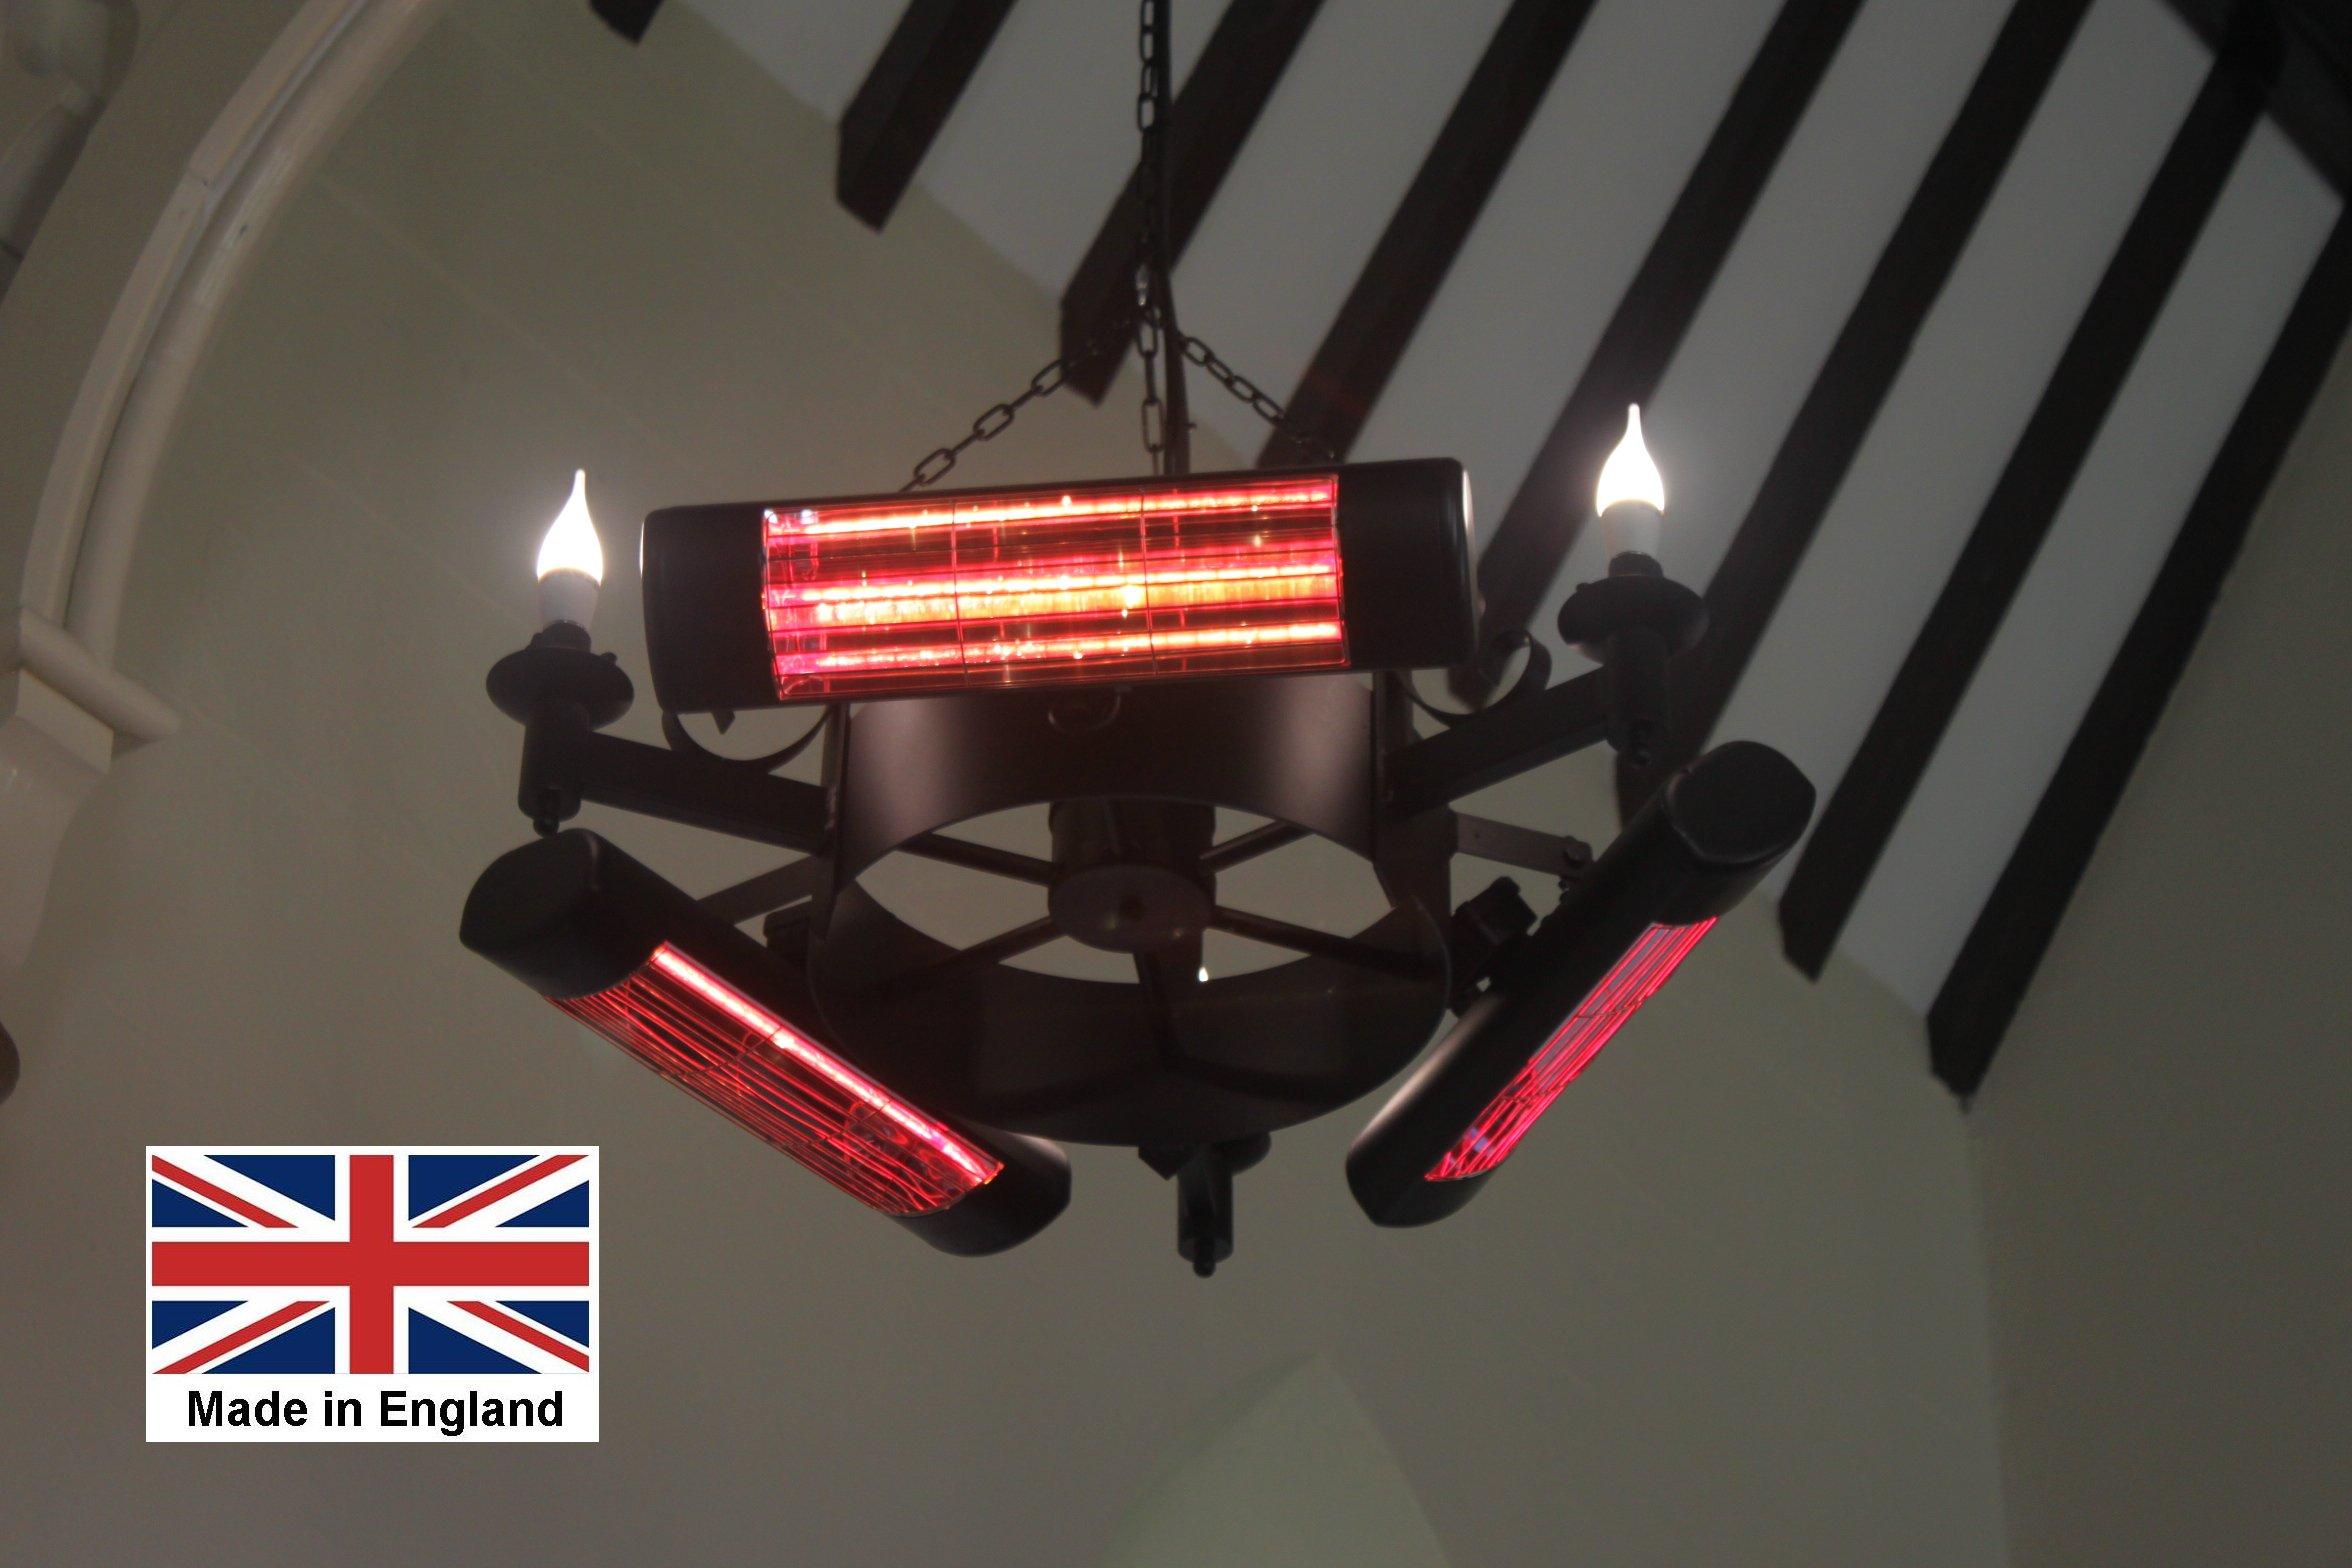 Chandelier Heater 6kW 'Amcotts' Design